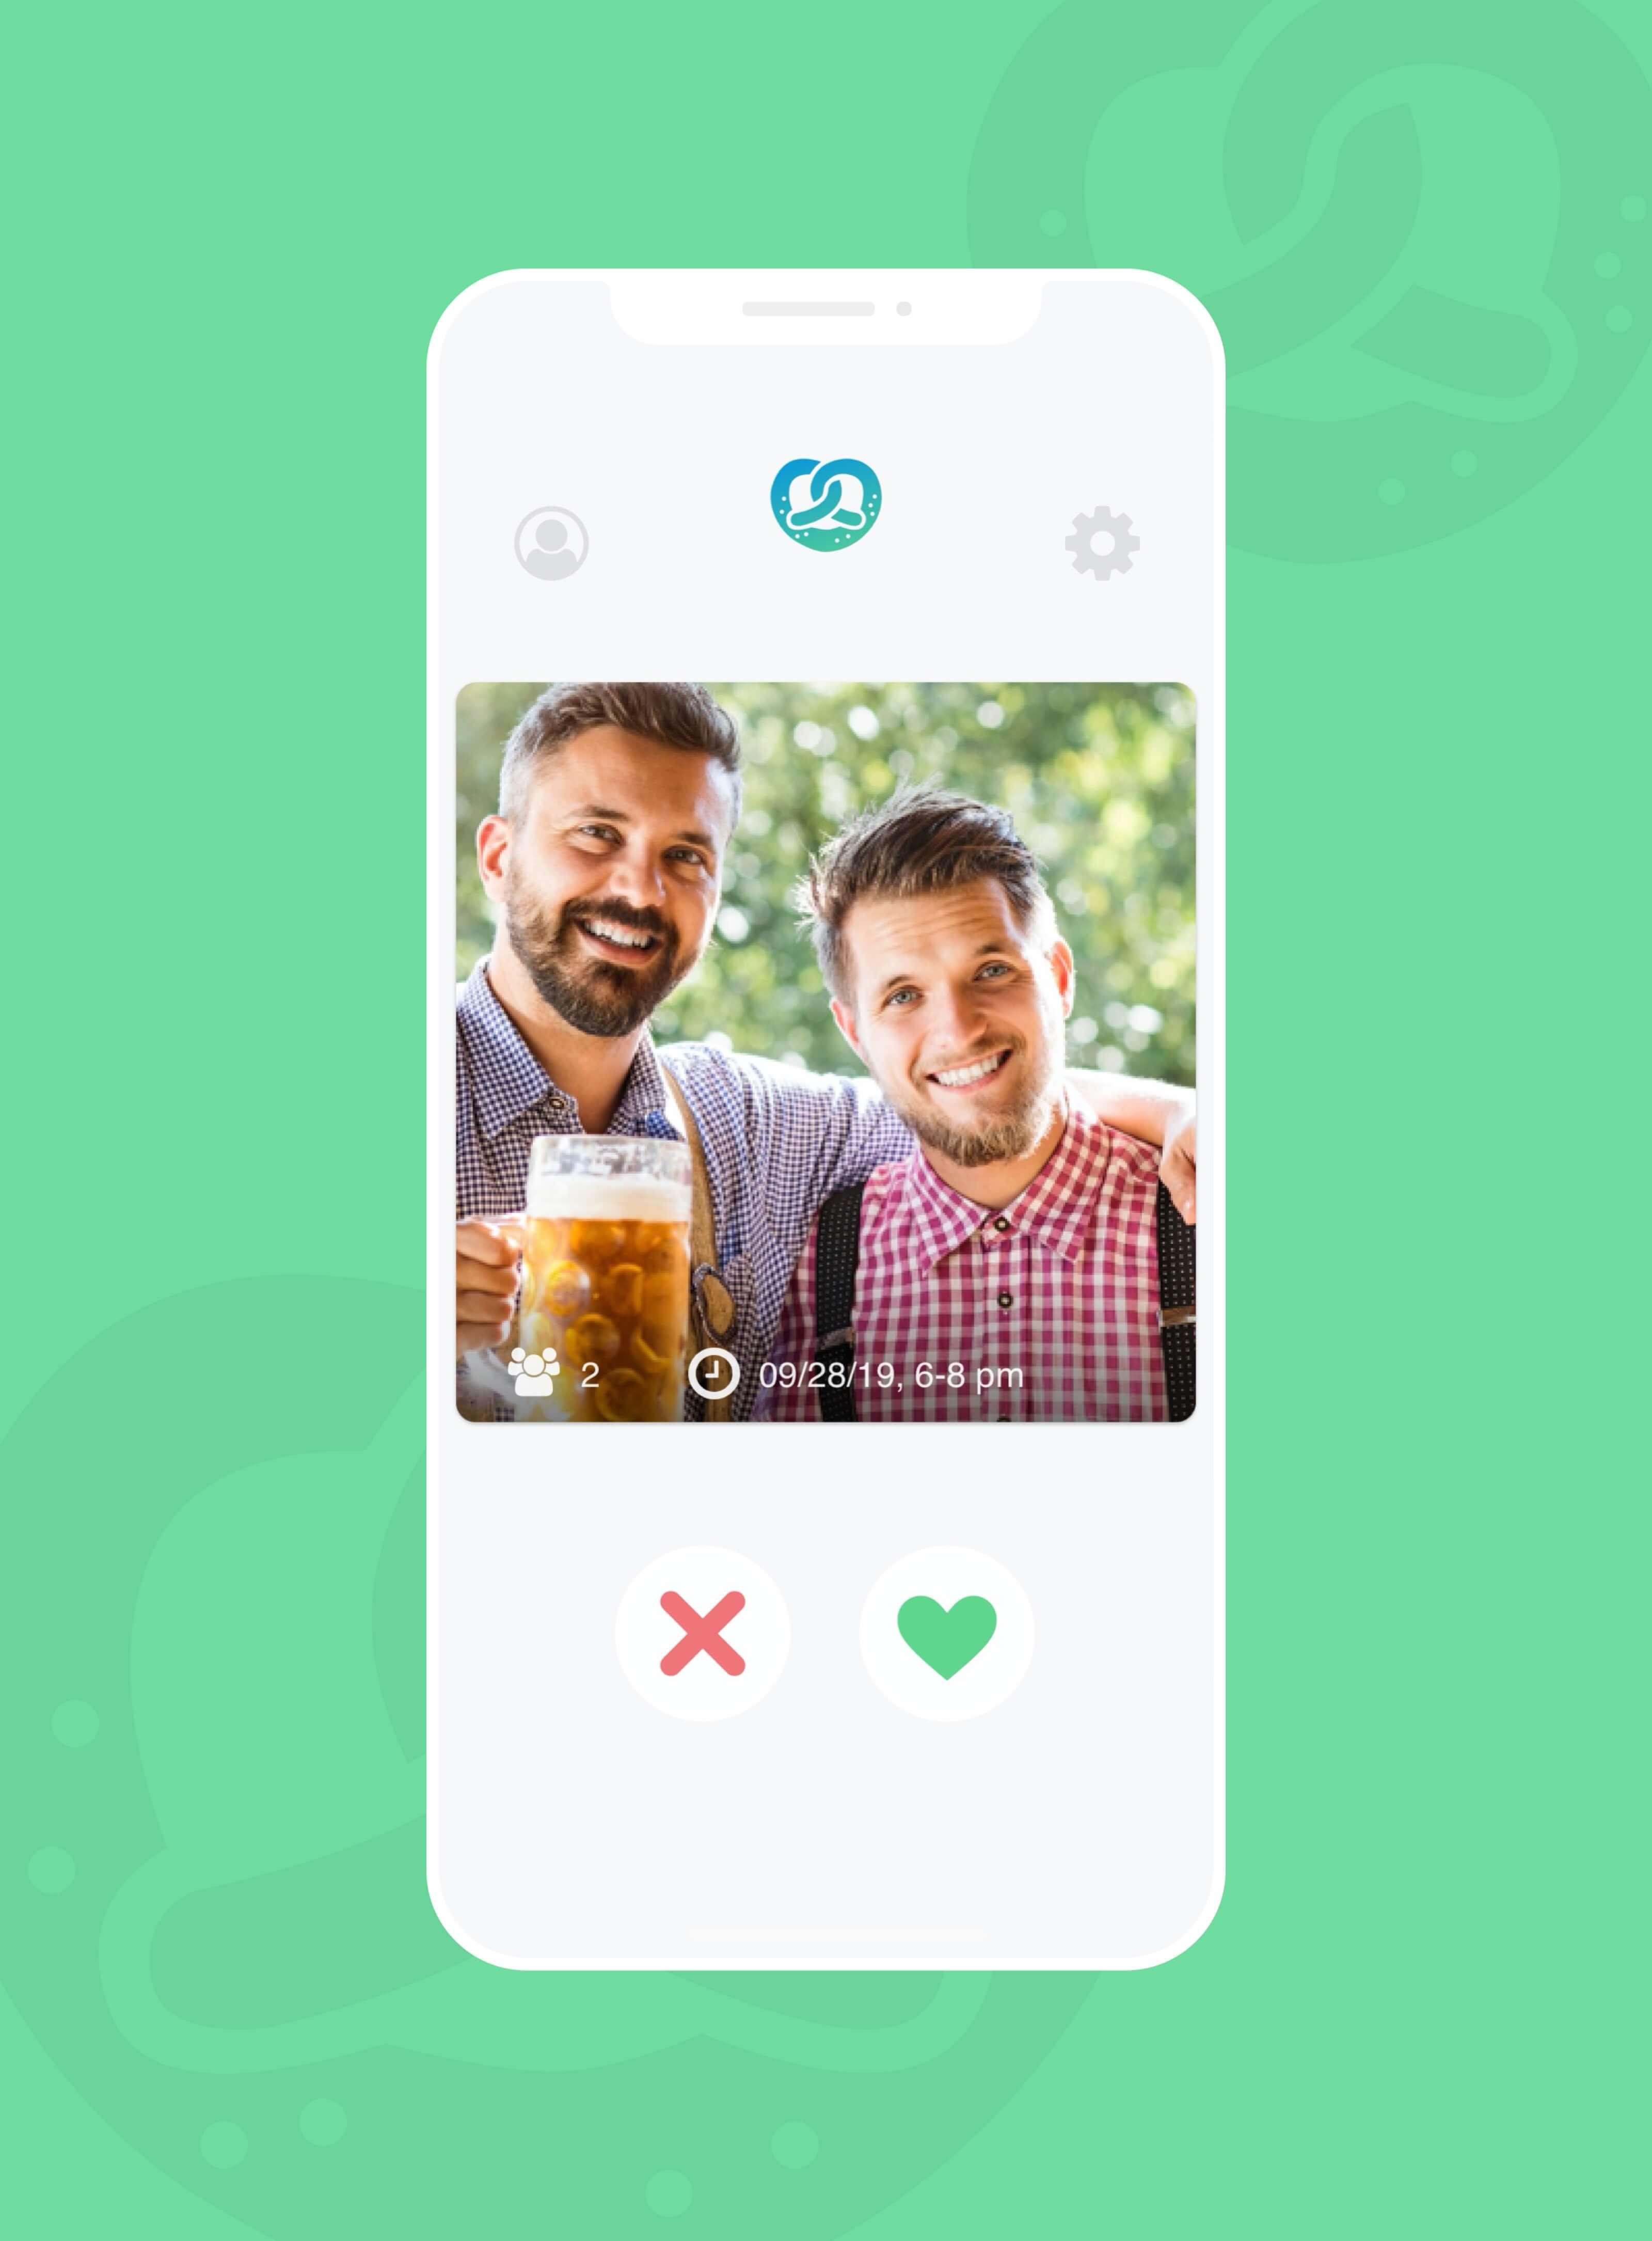 Obandln.app